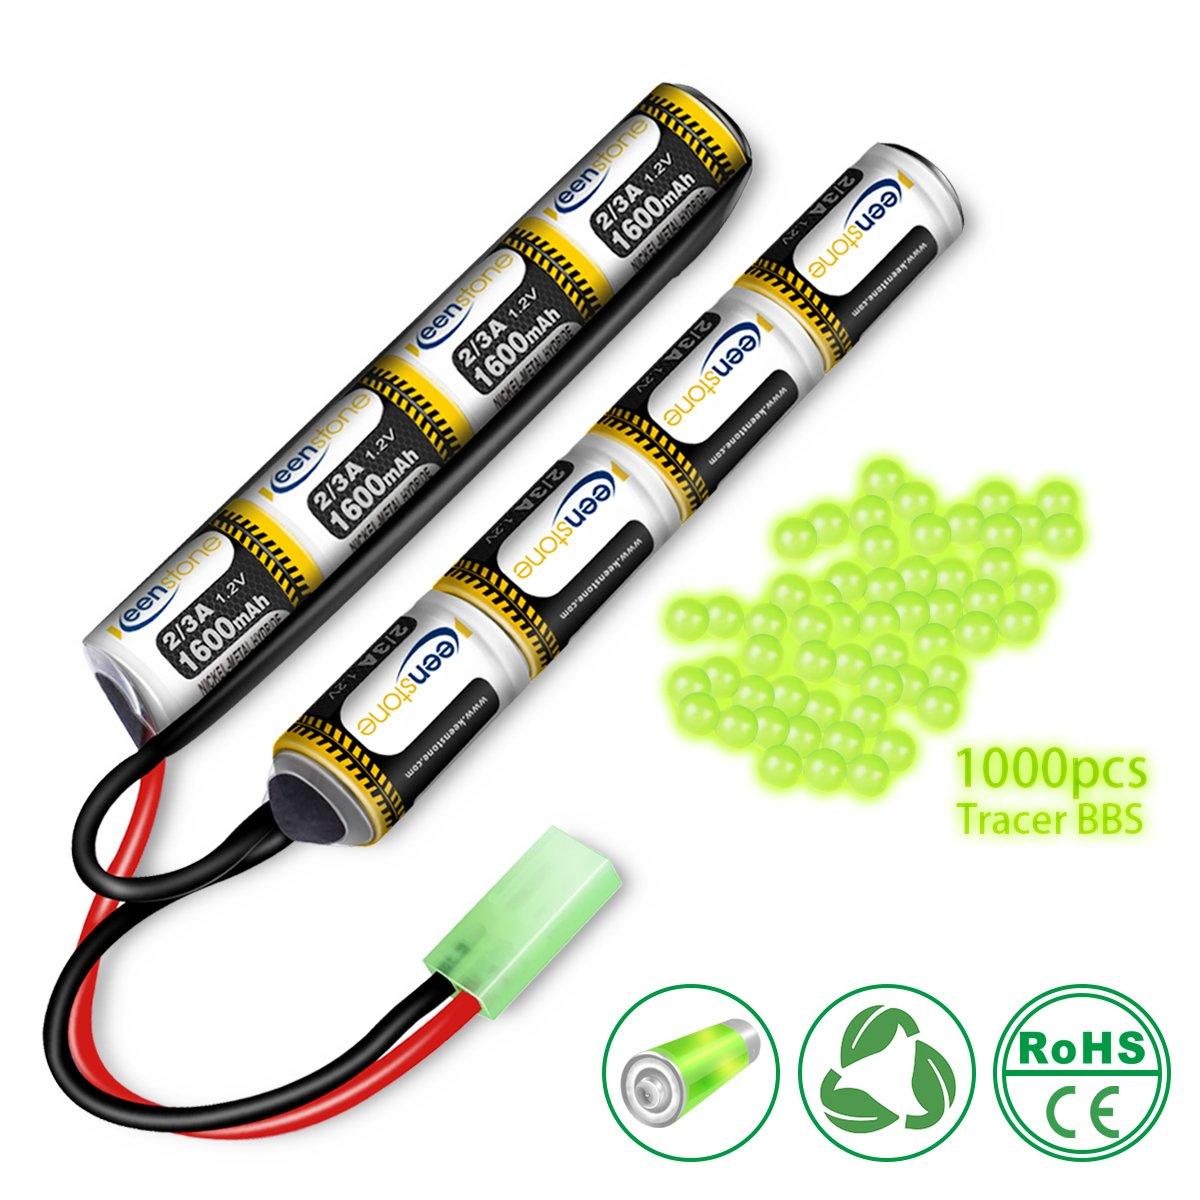 Keenstone Airsoft Batterie Bâton NiMH 9, 6 V 1600 mAh Nunchuk Bâton pour Fusil à Air Comprimé ICS CA TM SRC JG G36 G&M734 etc + Mini Connecteur Tamiya de Haute Décharge